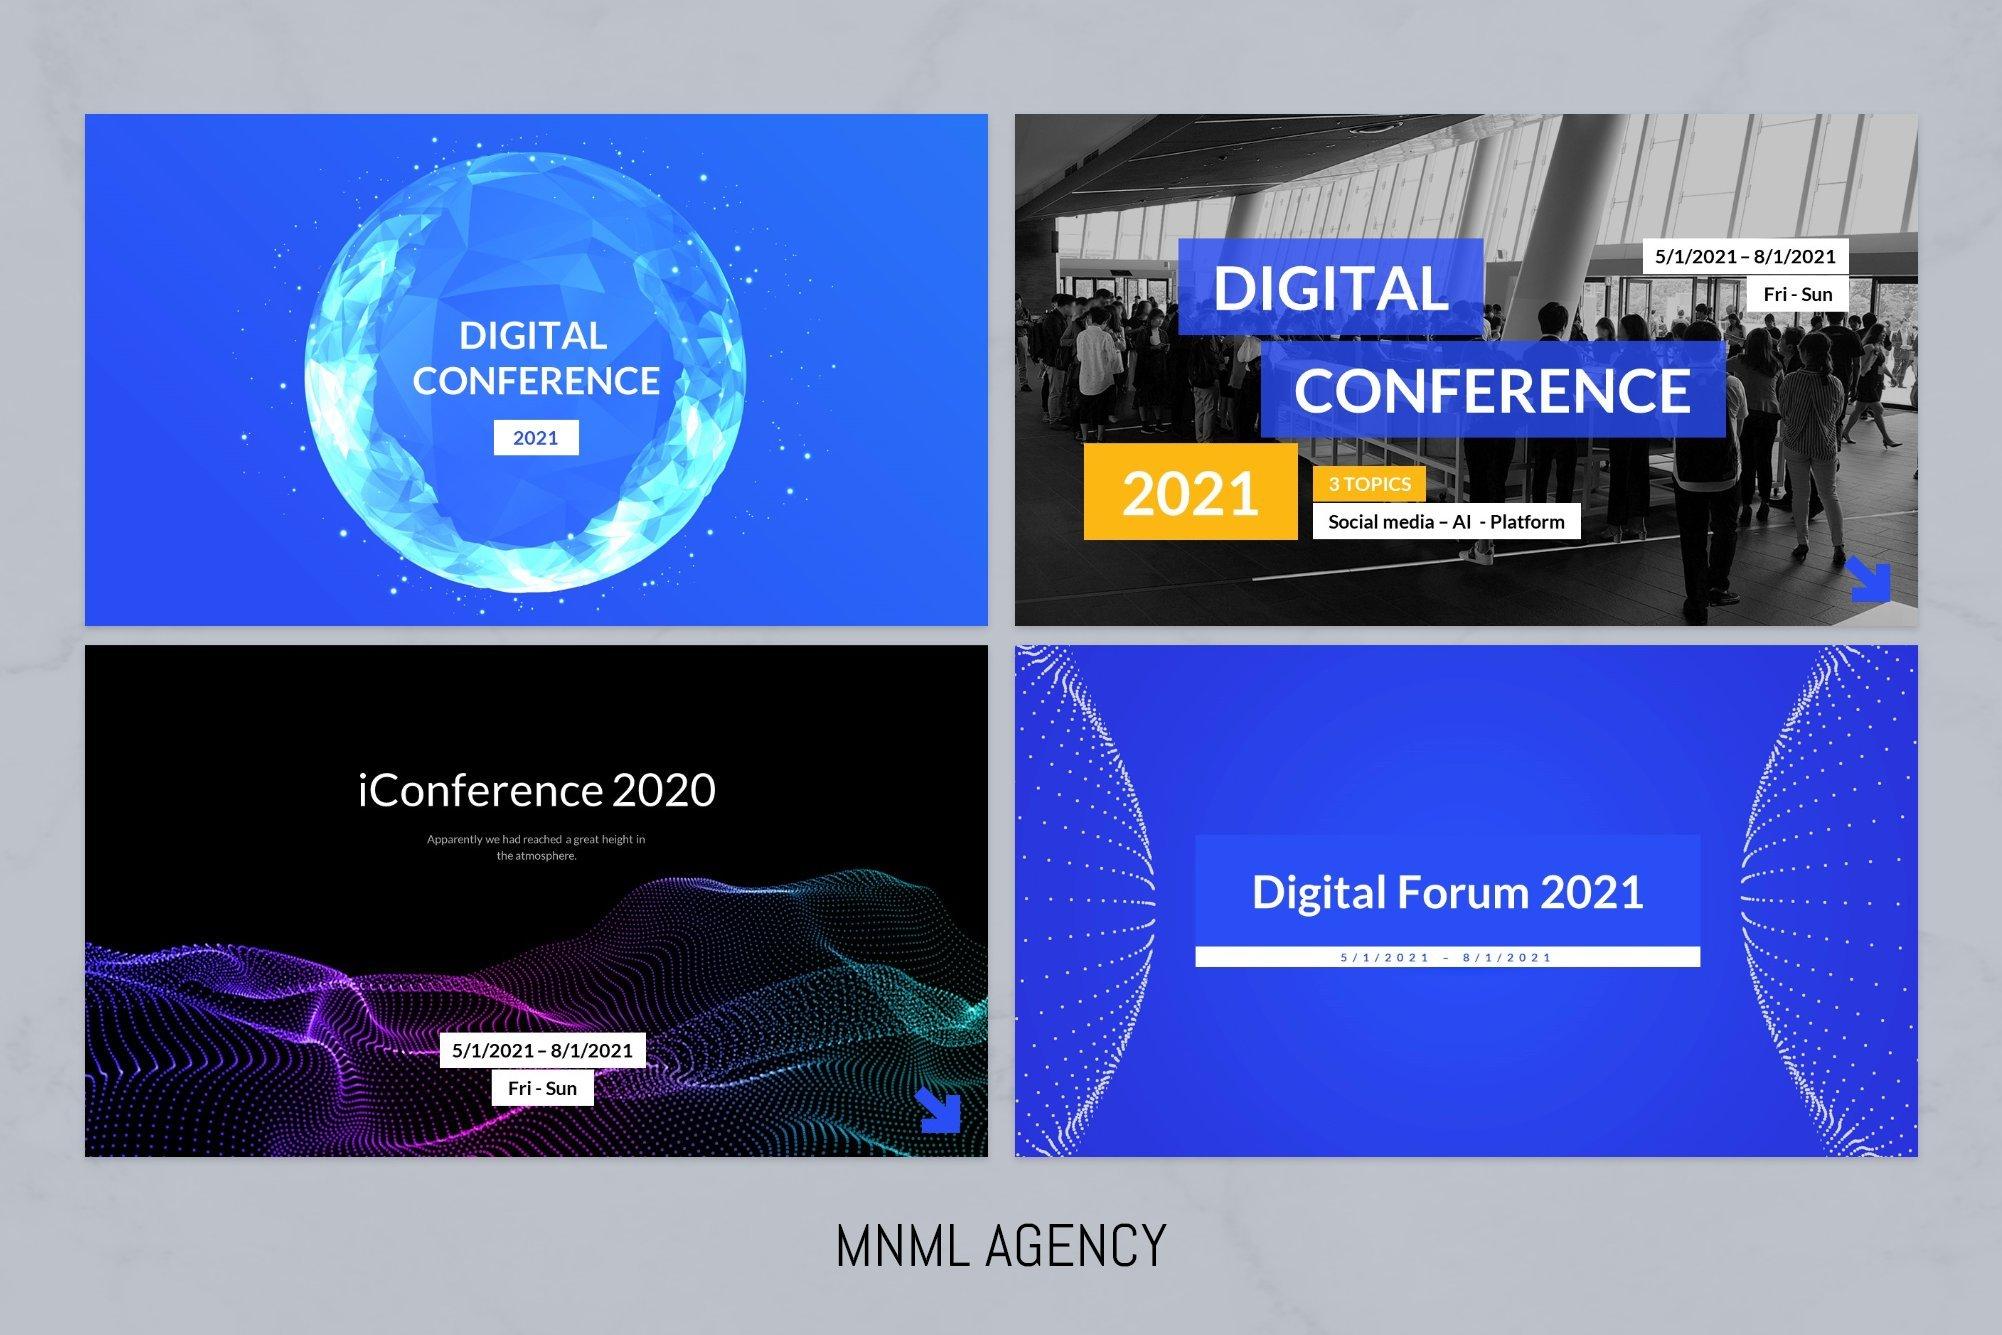 Digital conference.